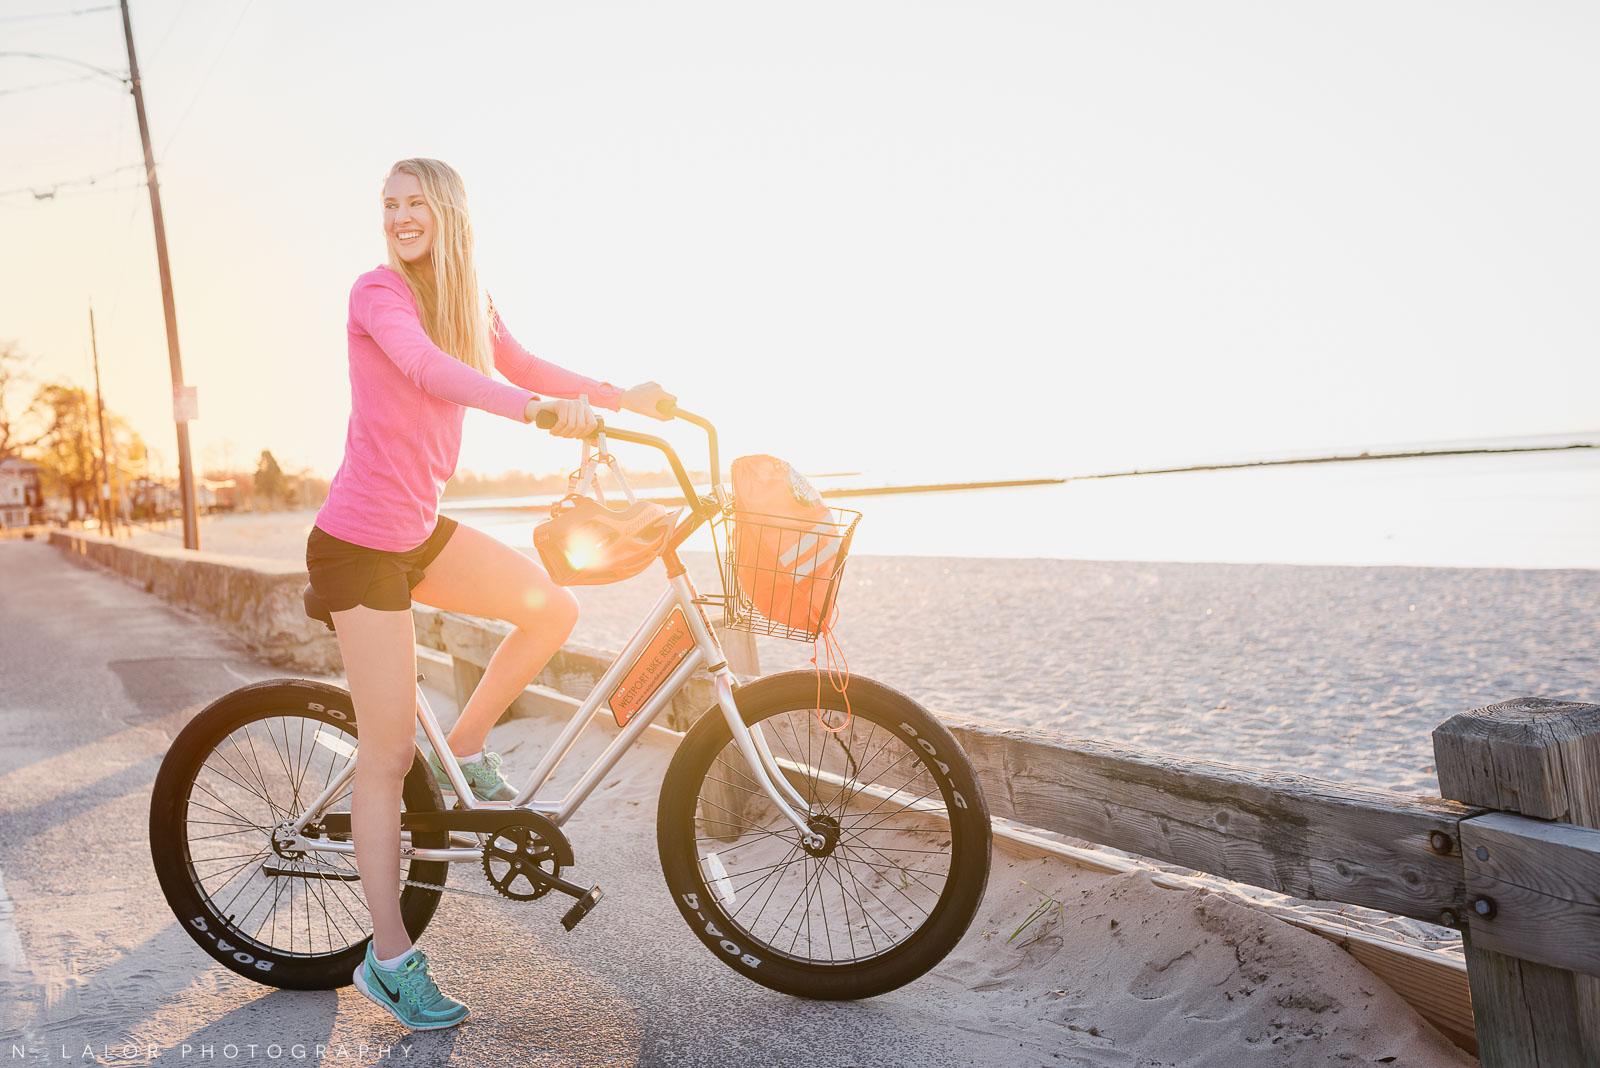 nlalor-photography-2016-04-24-westport-bike-rentals-13.jpg